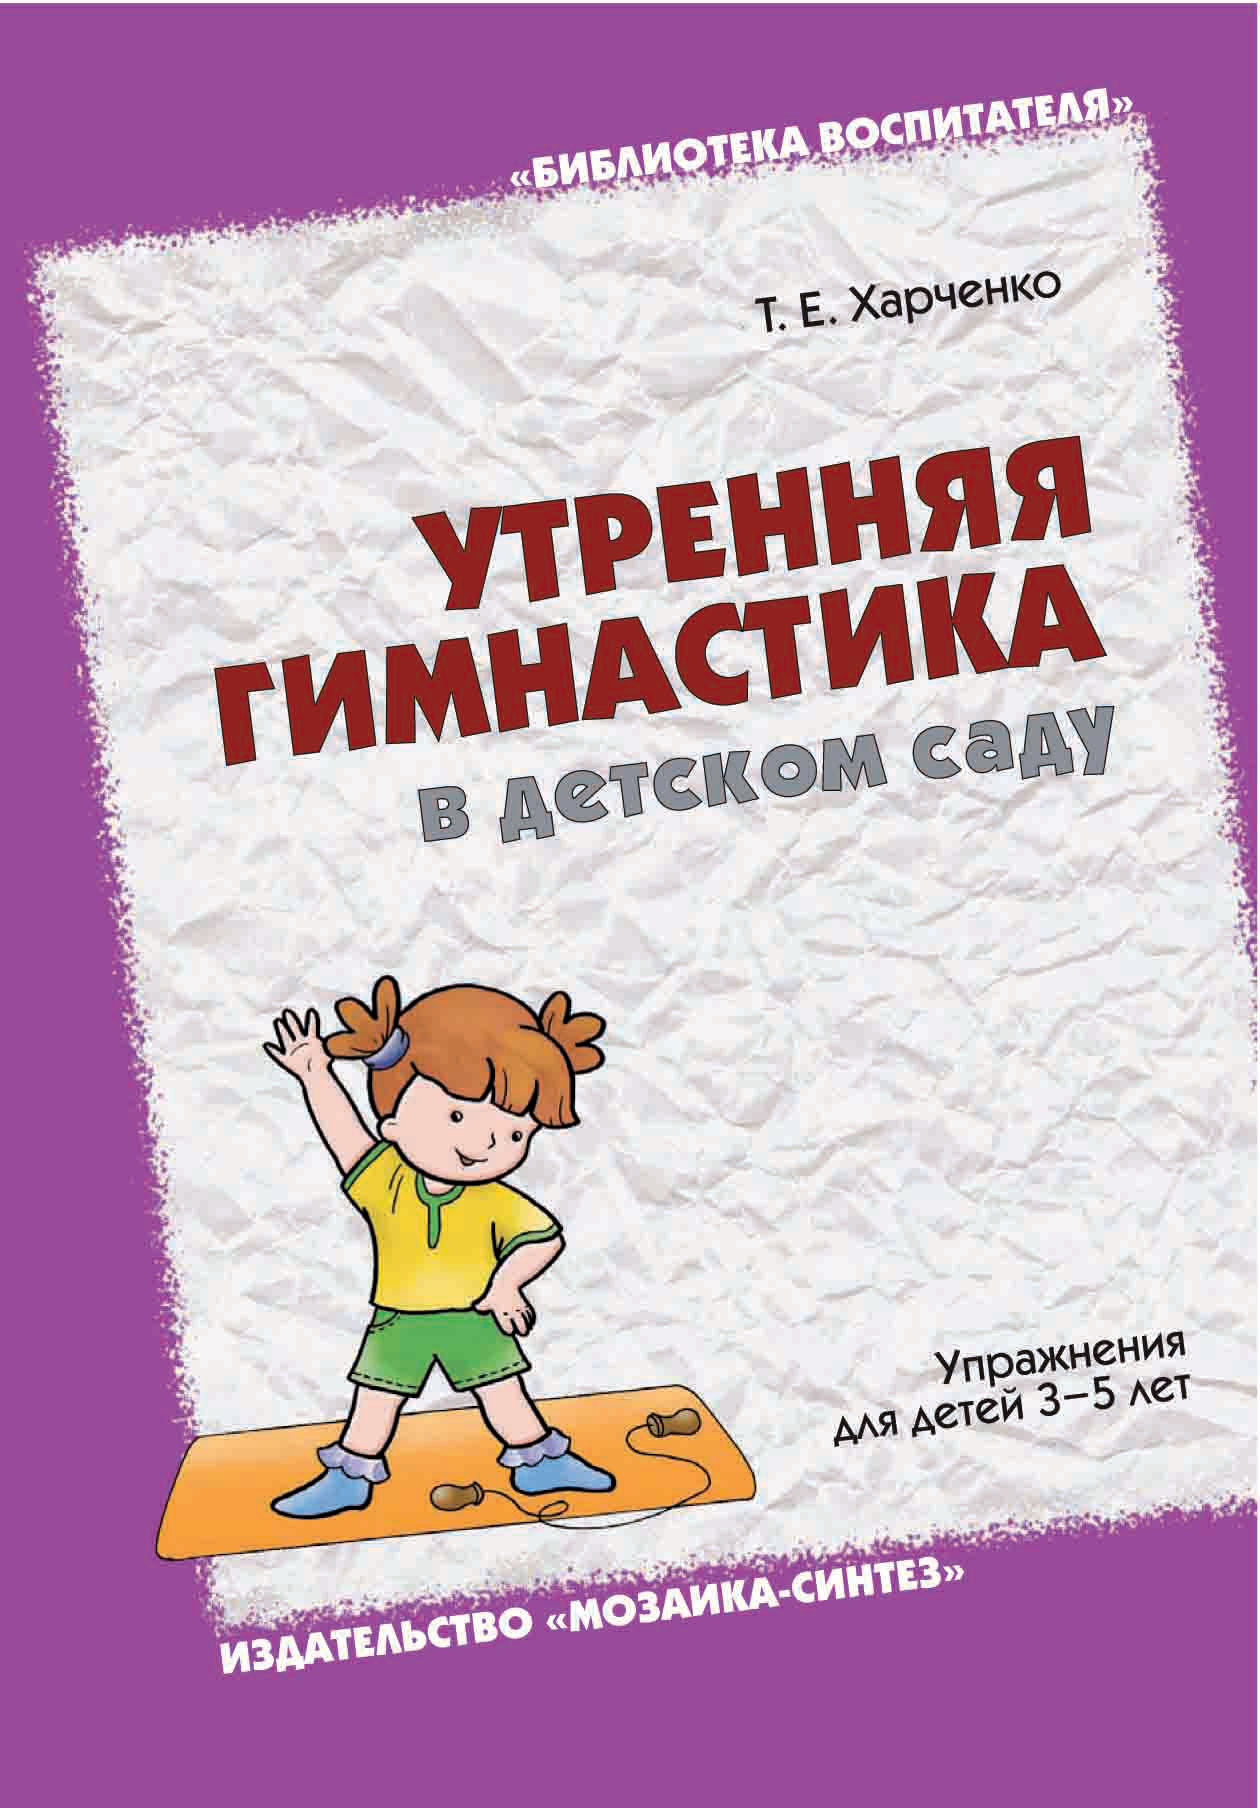 Т. Е. Харченко Утренняя гимнастика в детском саду. Упражнения для детей 3-5 лет е а алябьева нескучная гимнастика тематическая утренняя зарядка для детей 5 7 лет